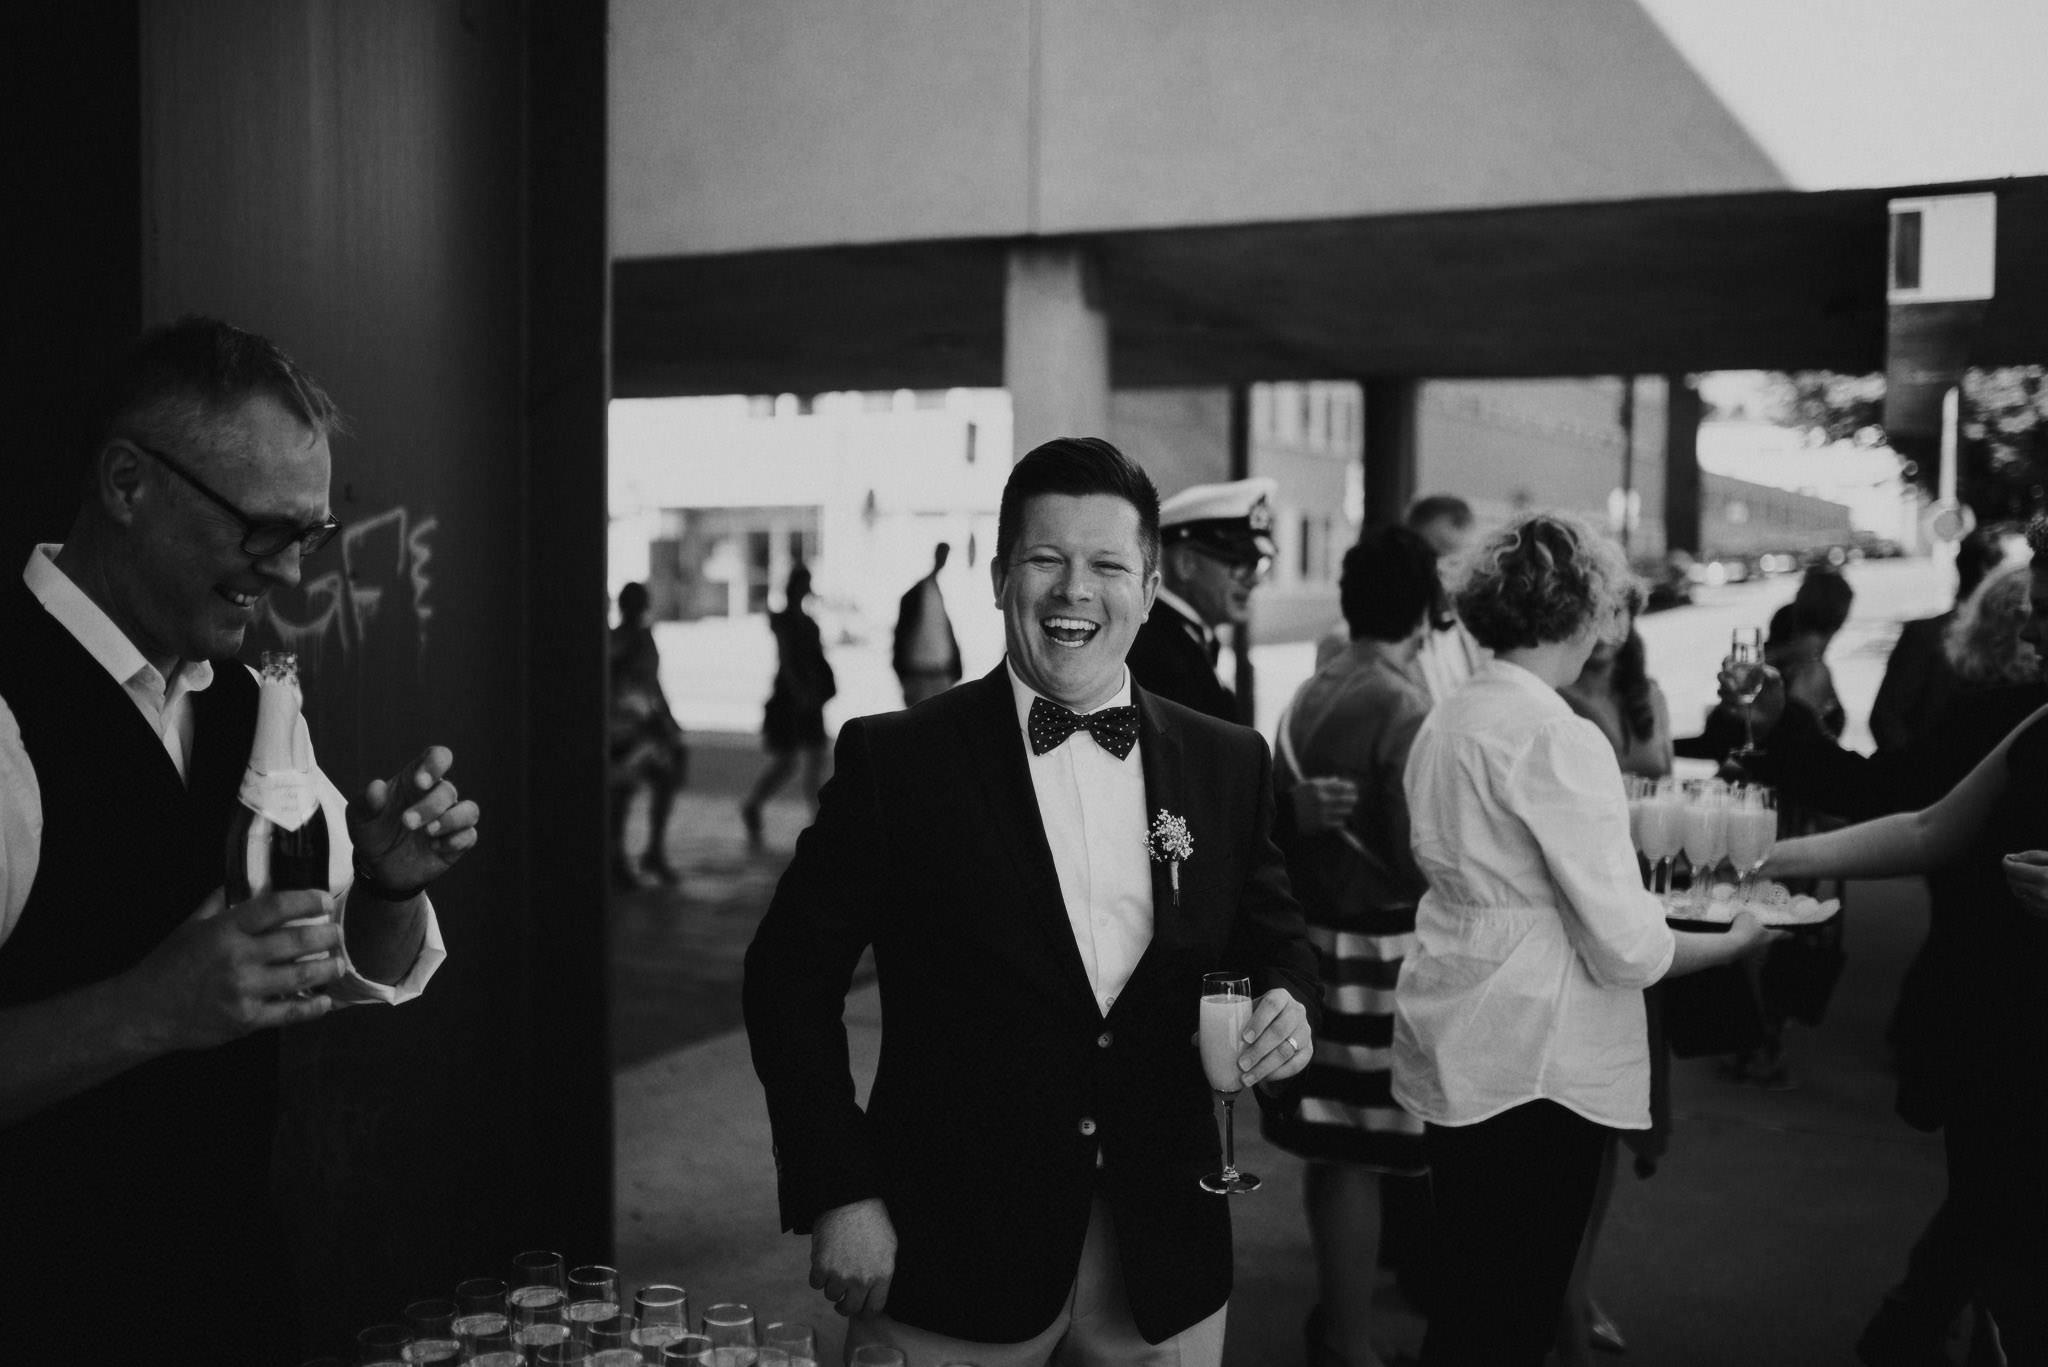 jere-satamo-ruissalo-haat-samesex-wedding-valokuvaaja-turku-028web.jpg